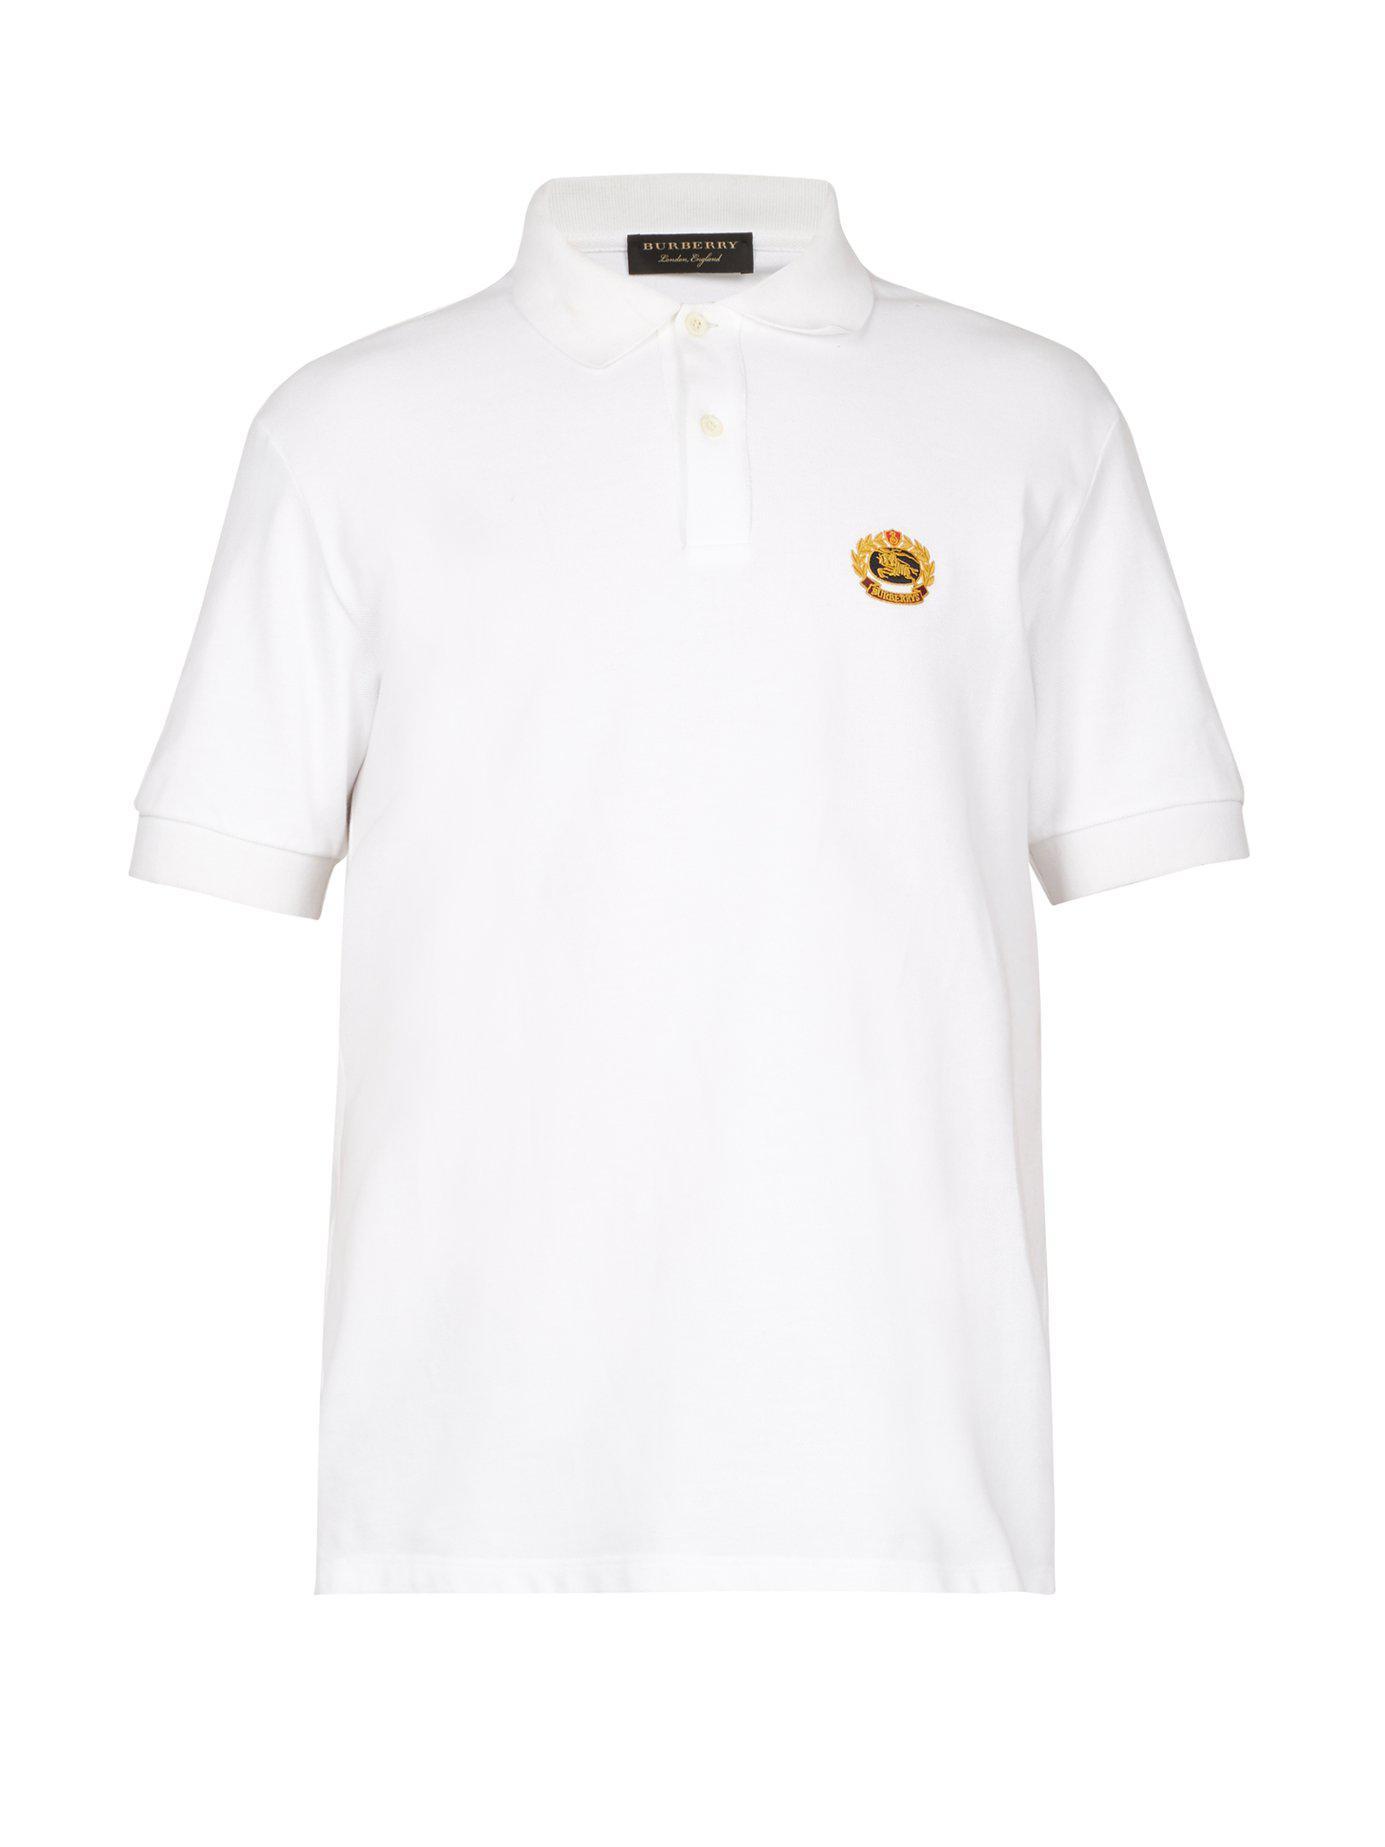 Lyst - Polo en piqué de coton à appliqué logo Burberry pour homme en ... caf200ab23d